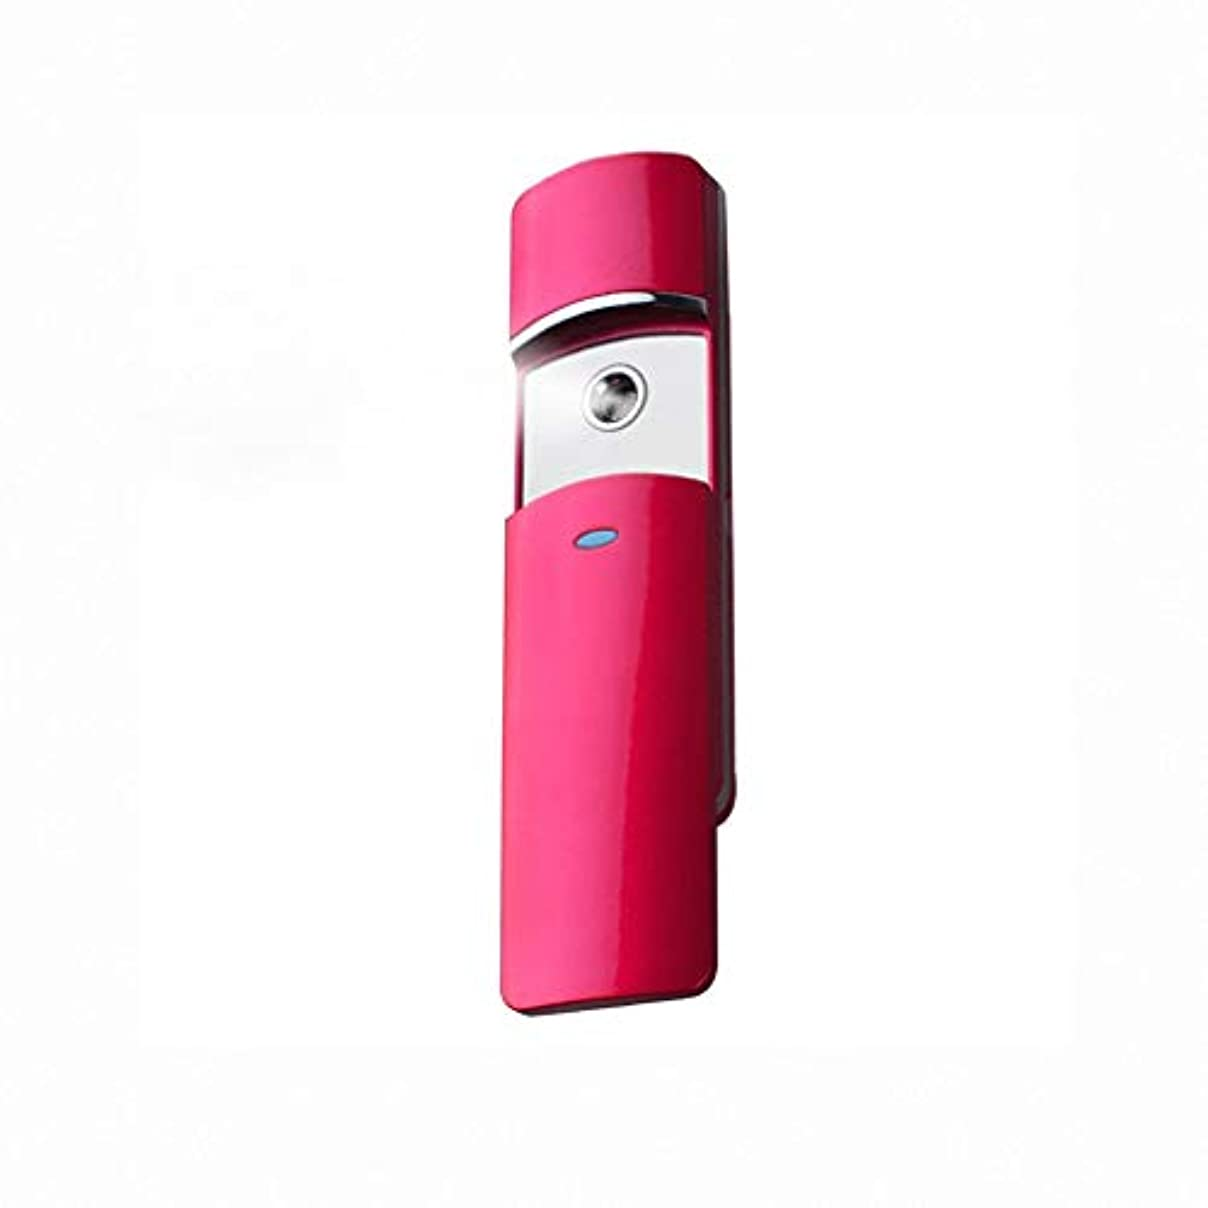 呼吸する静かにセール噴霧器usb充電式ポータブルフェイシャルスプレー用スキンケアメイクアップまつげエクステンションポータブル抗アレルギースチーマー充電器